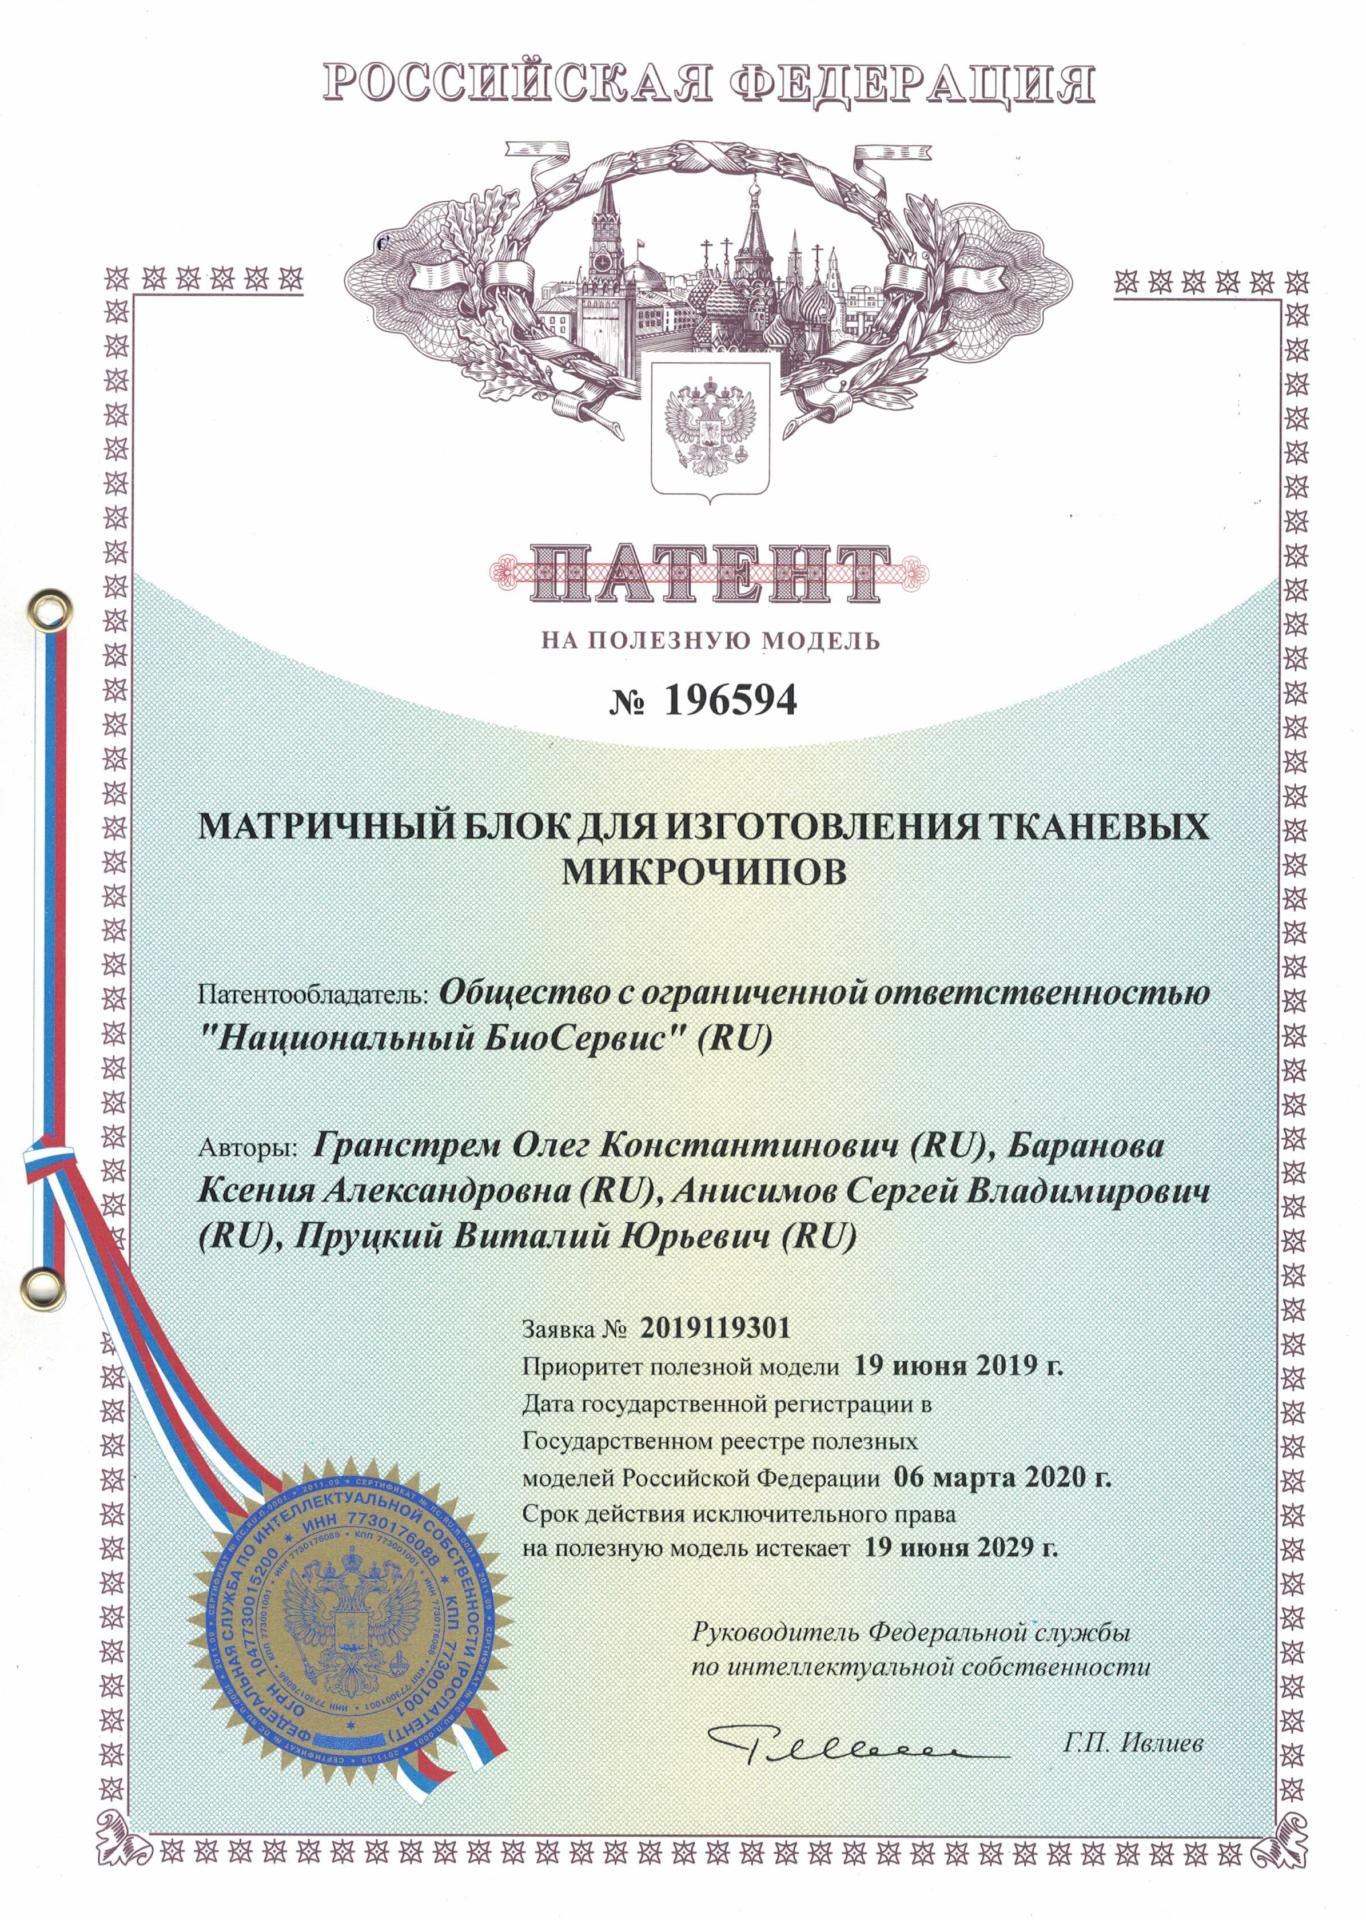 Патент №196594